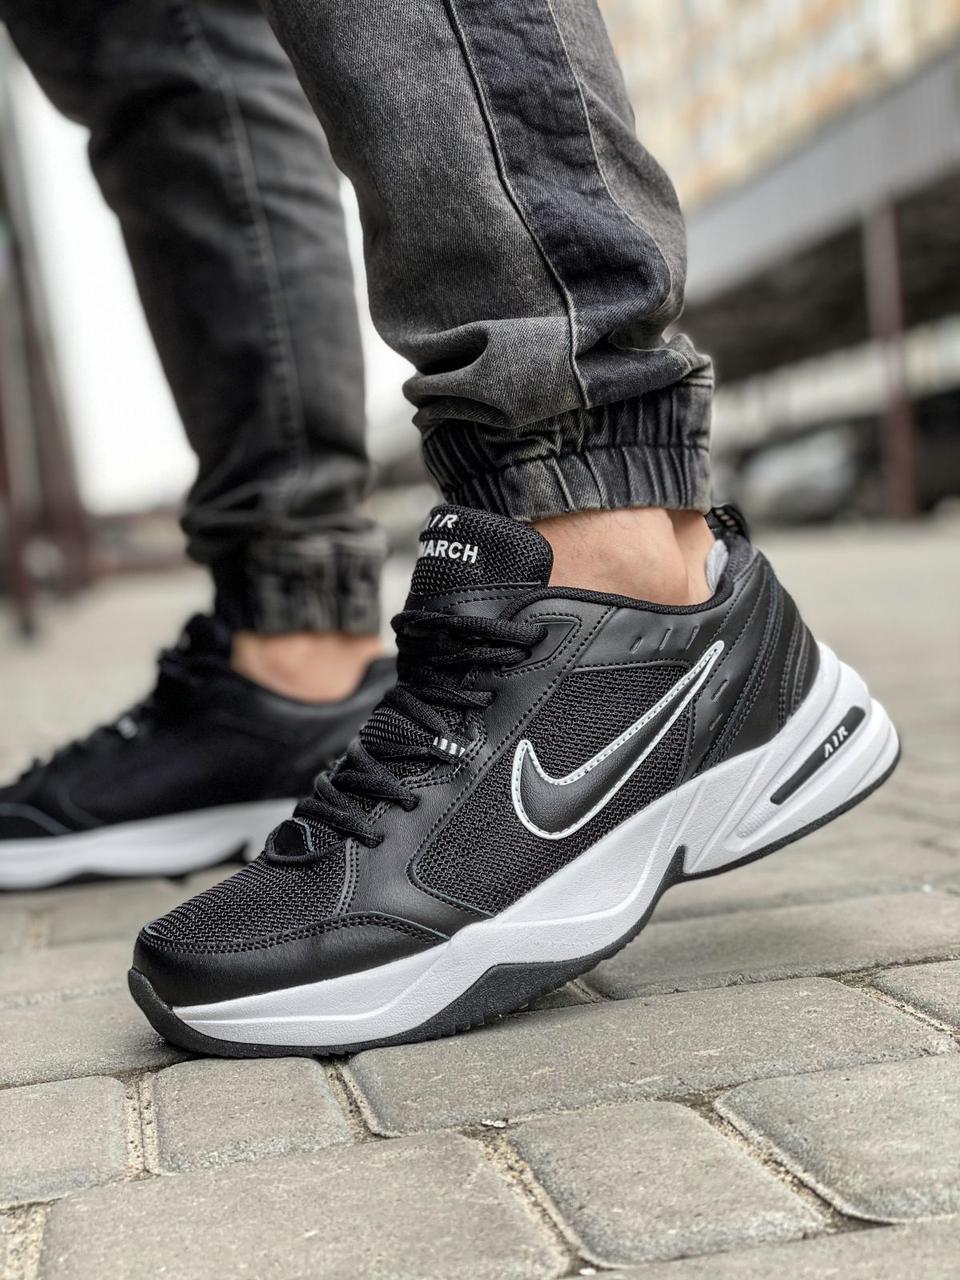 Чоловічі кросівки Nike Air Monarch чорні з білим / чоловічі кросівки Найк Монарх (Топ репліка ААА+)